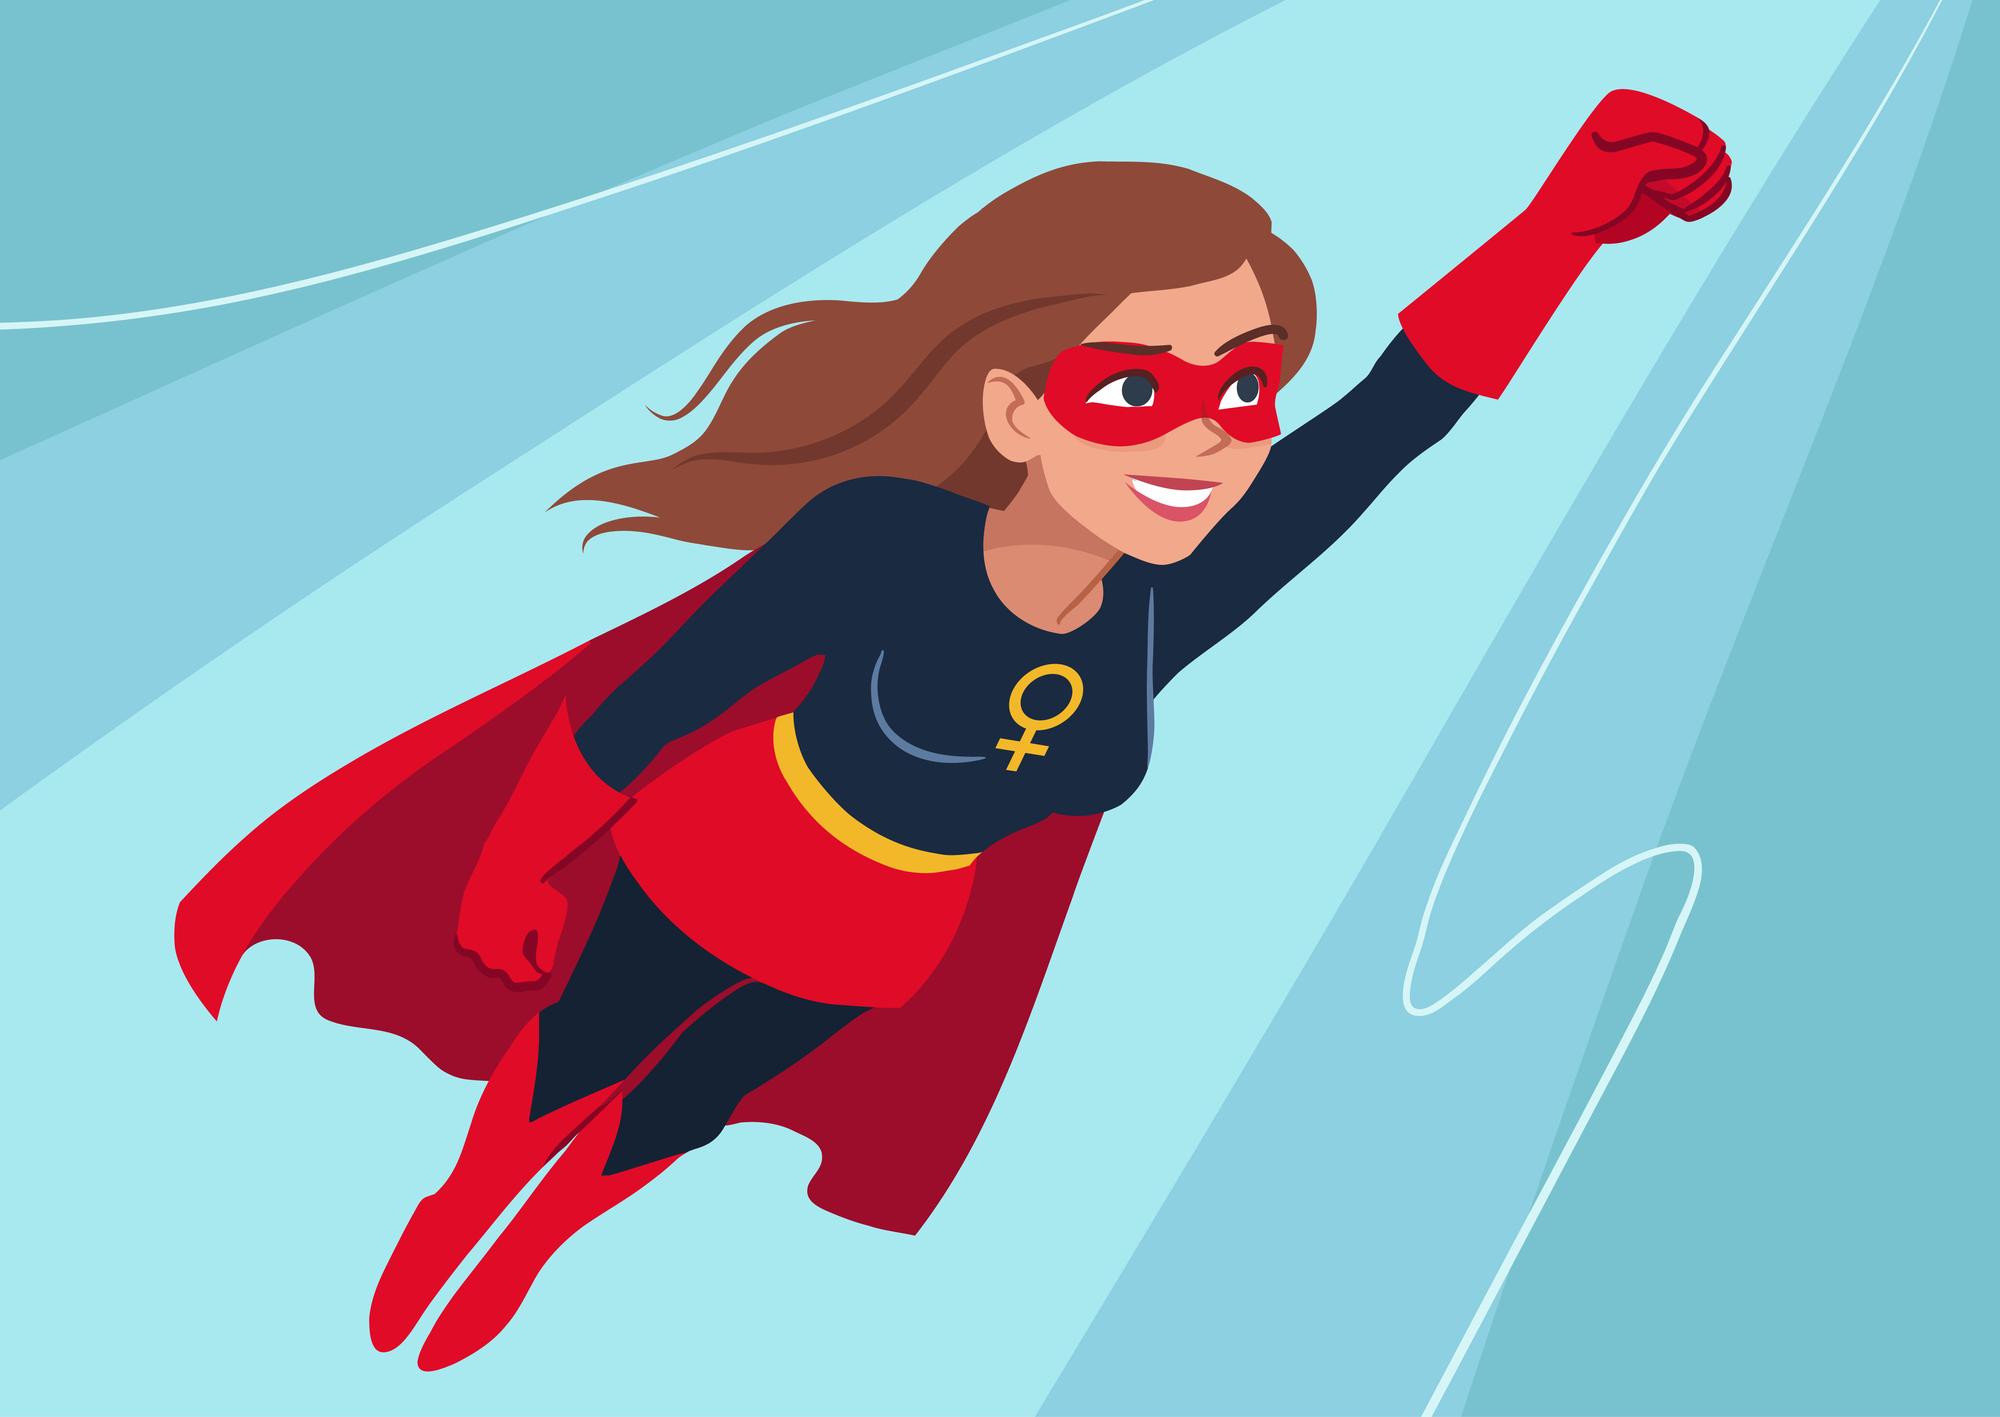 Как управлять бизнесом в динамичном мире? Участницы конференции Superwoman – об успехе, смелости и феминизме